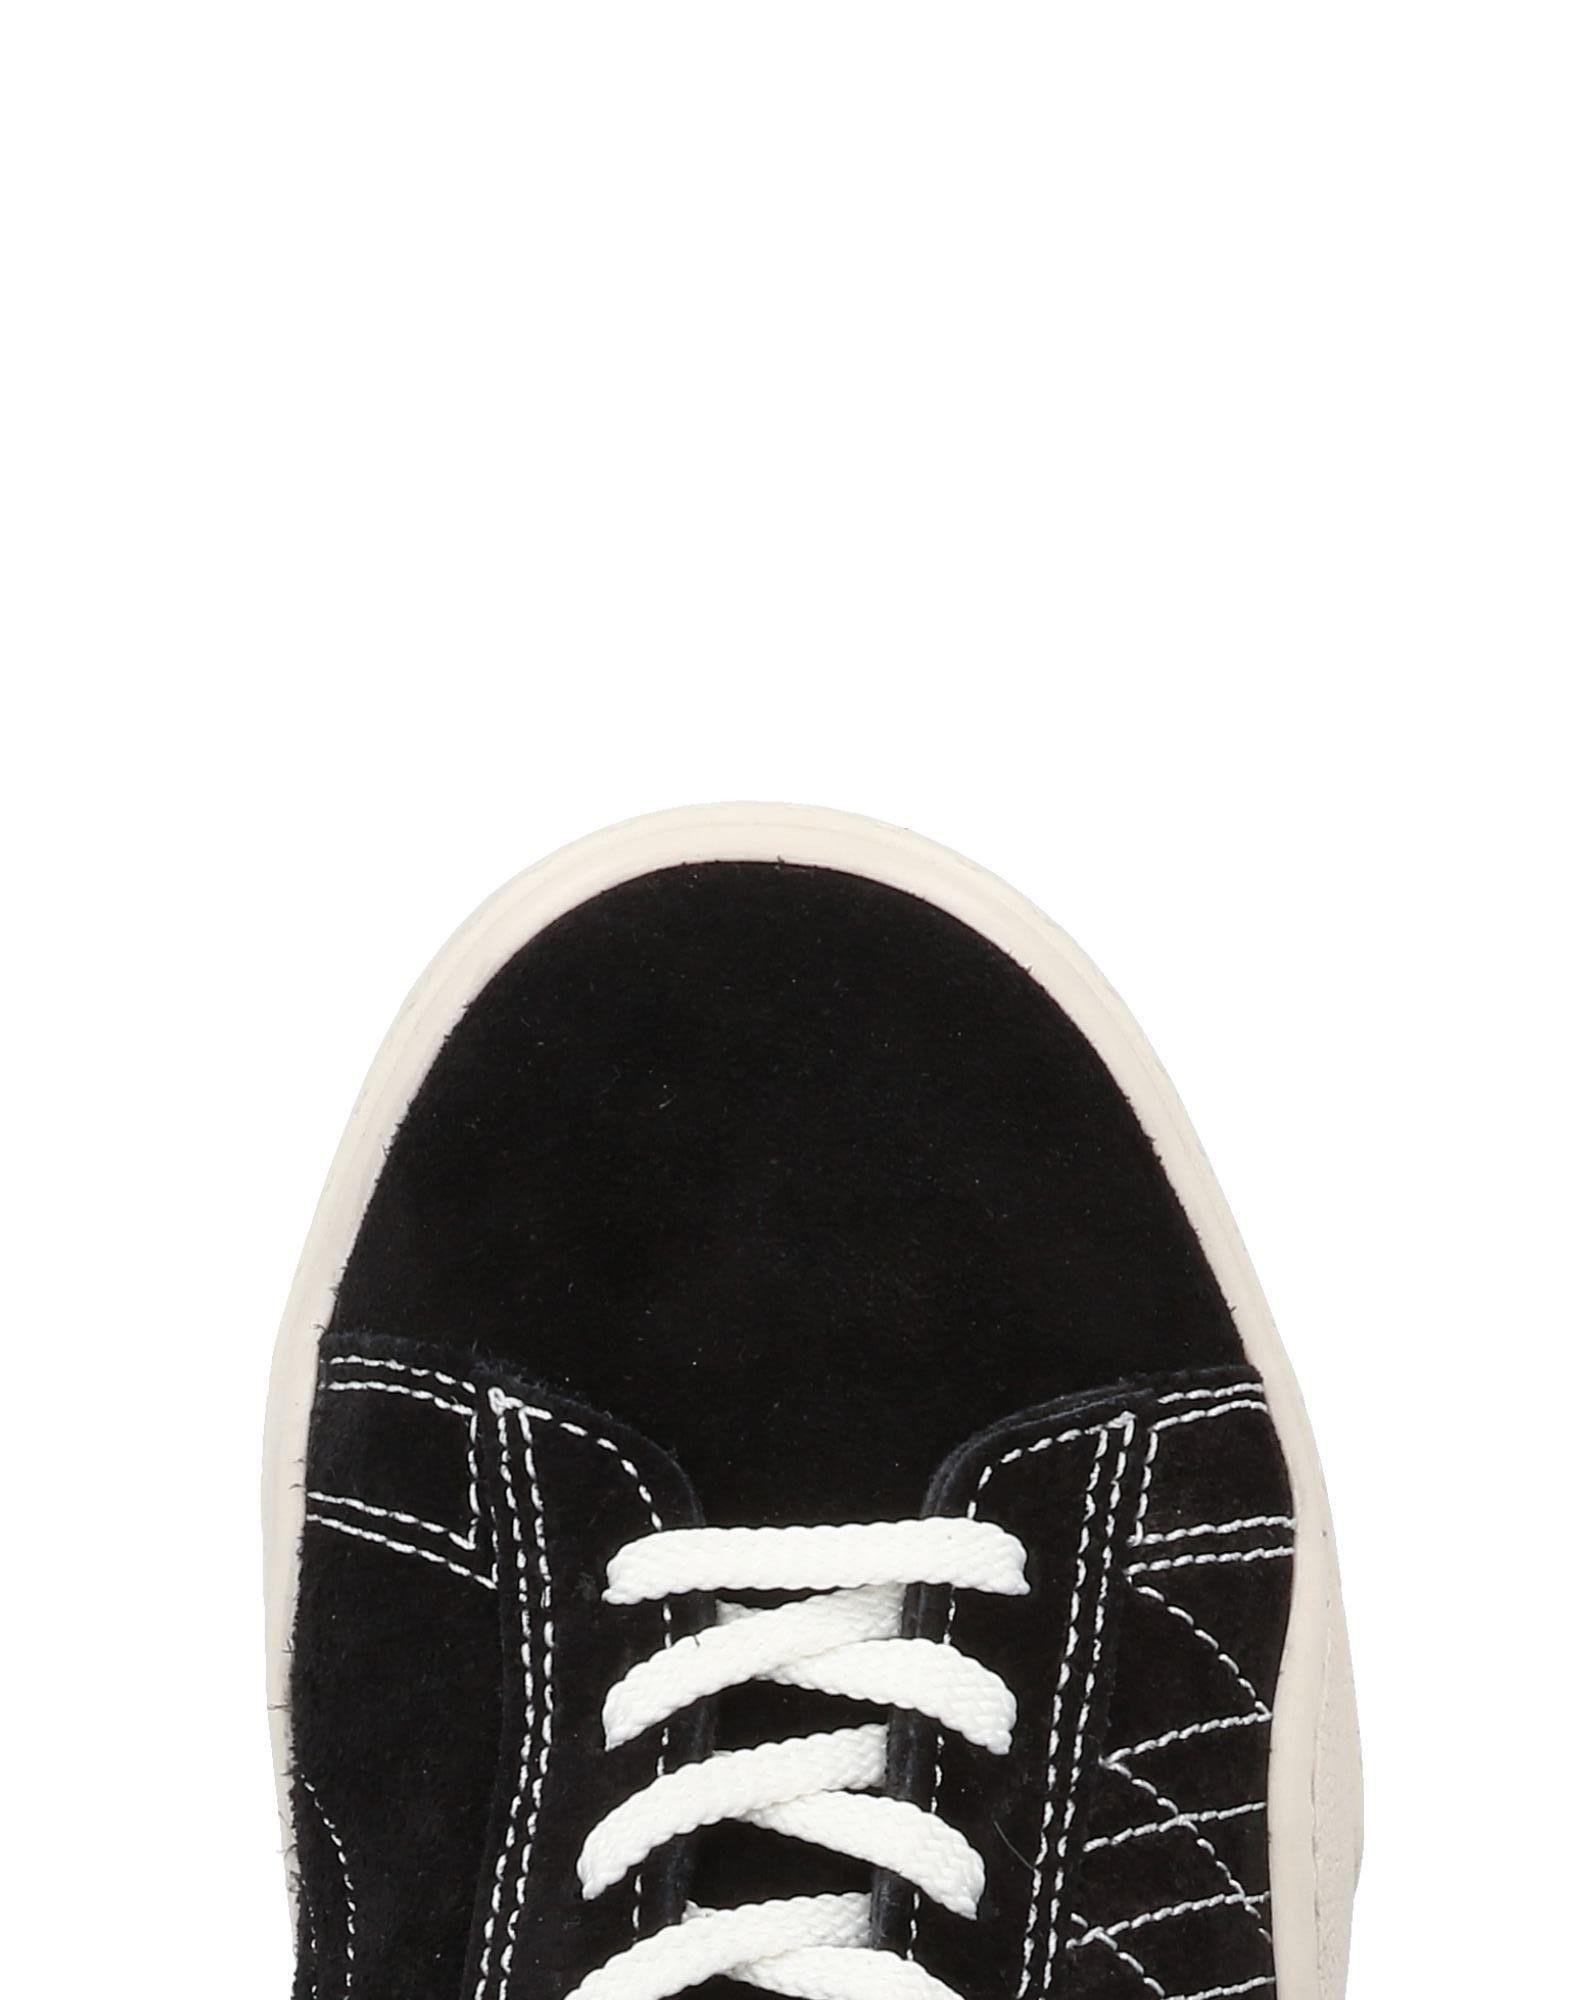 Eytys Heiße Sneakers Herren  11429150HI Heiße Eytys Schuhe 331cbc